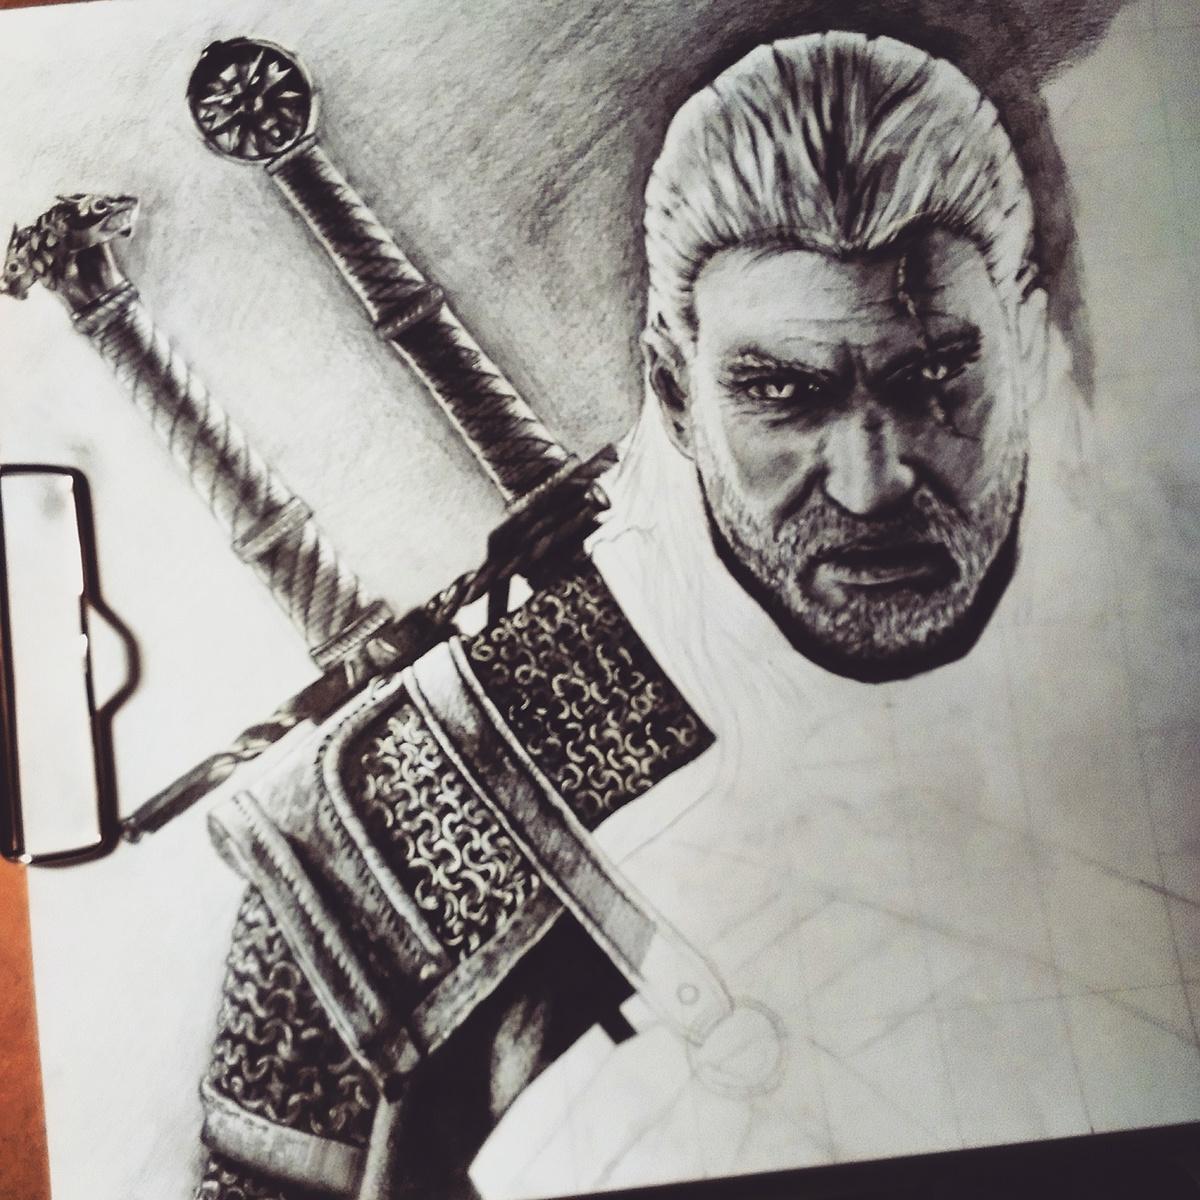 geralt witcher witcher3 WildHunt Hunt wiedzmin wiedzmin3 dzikigon sapkowski art masterpiece pencildrawing pencil poland sketch